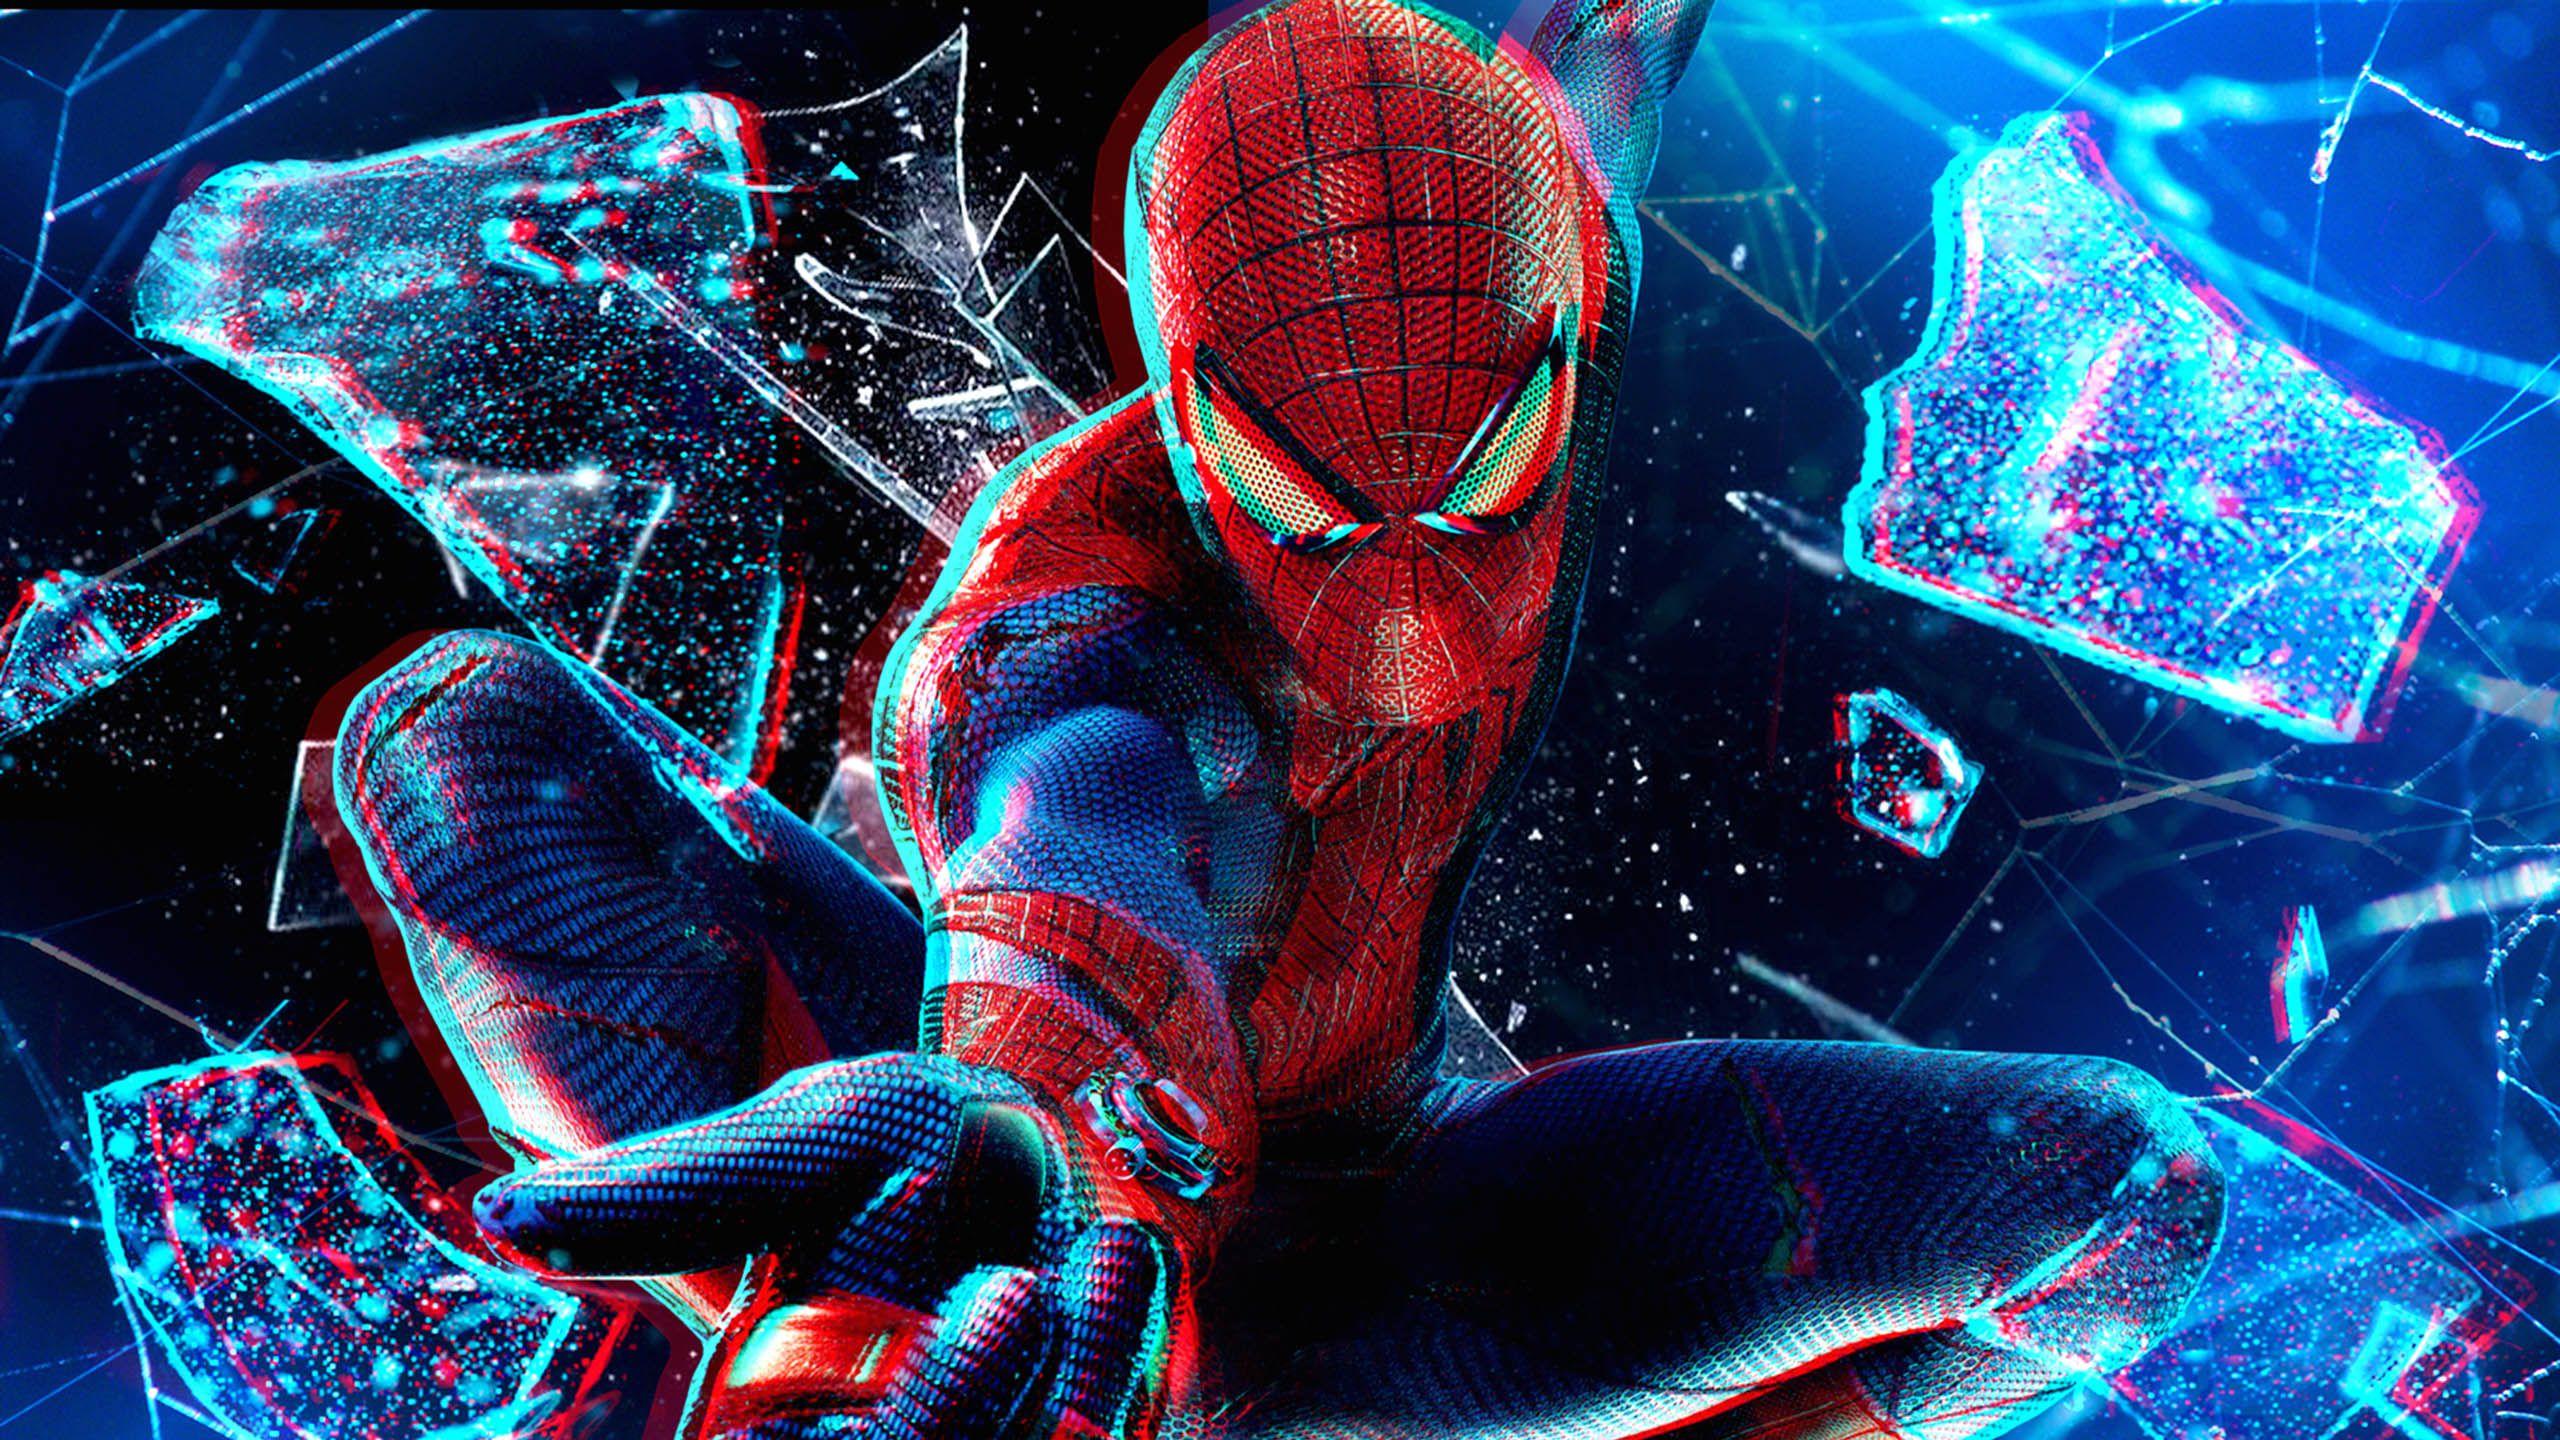 spiderman - 1080 HD Wallpaper